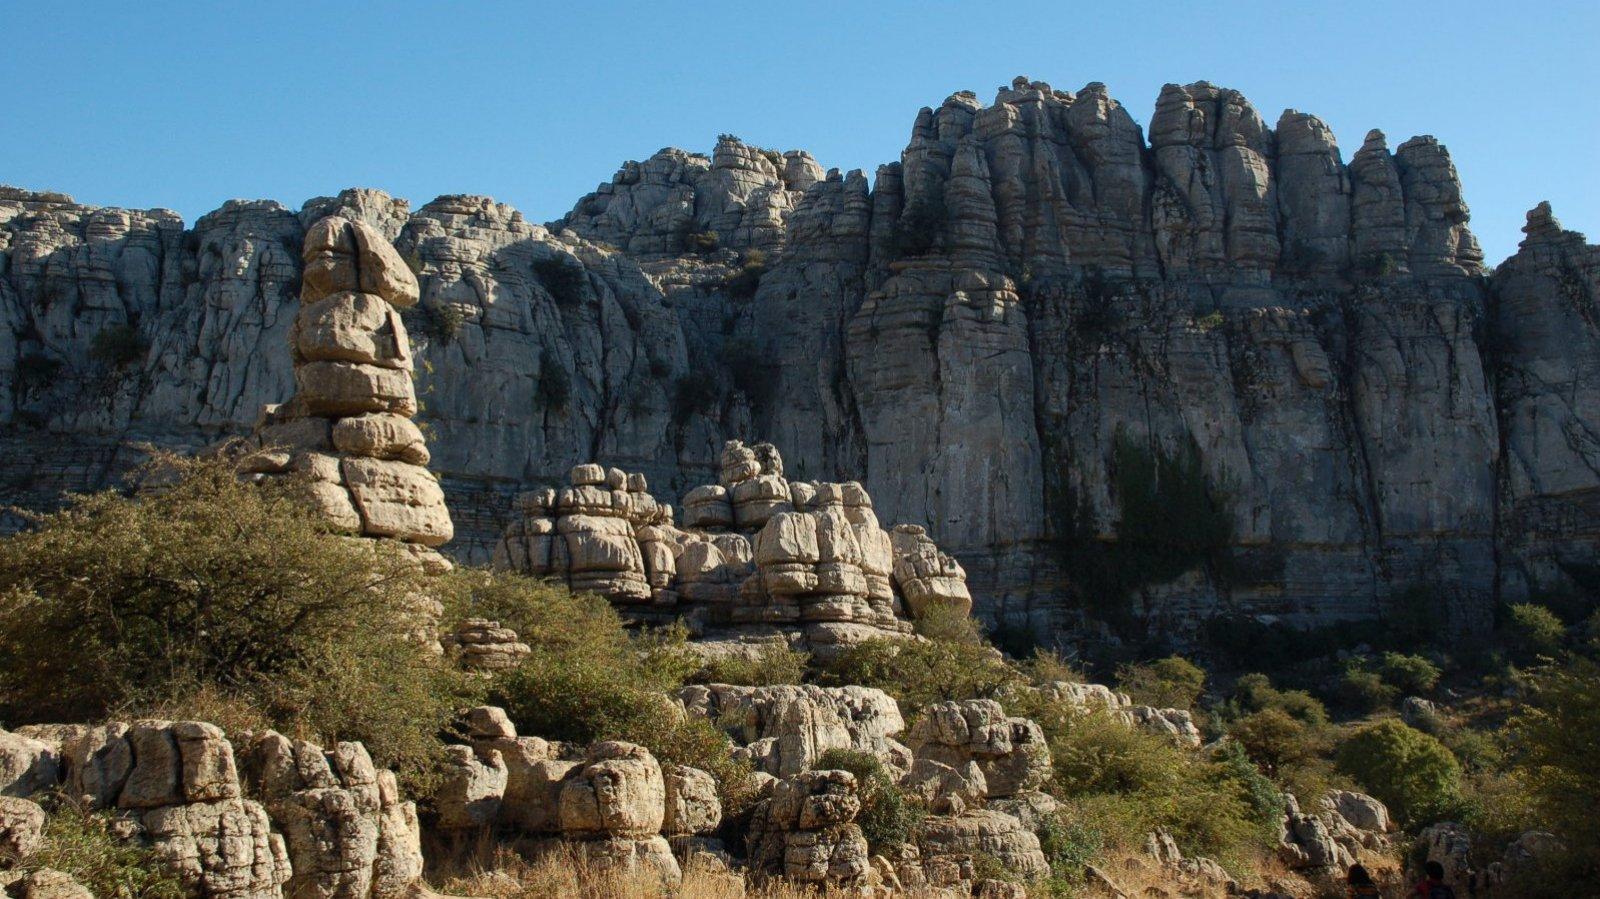 La curiosa formación rocosa de Antequera.